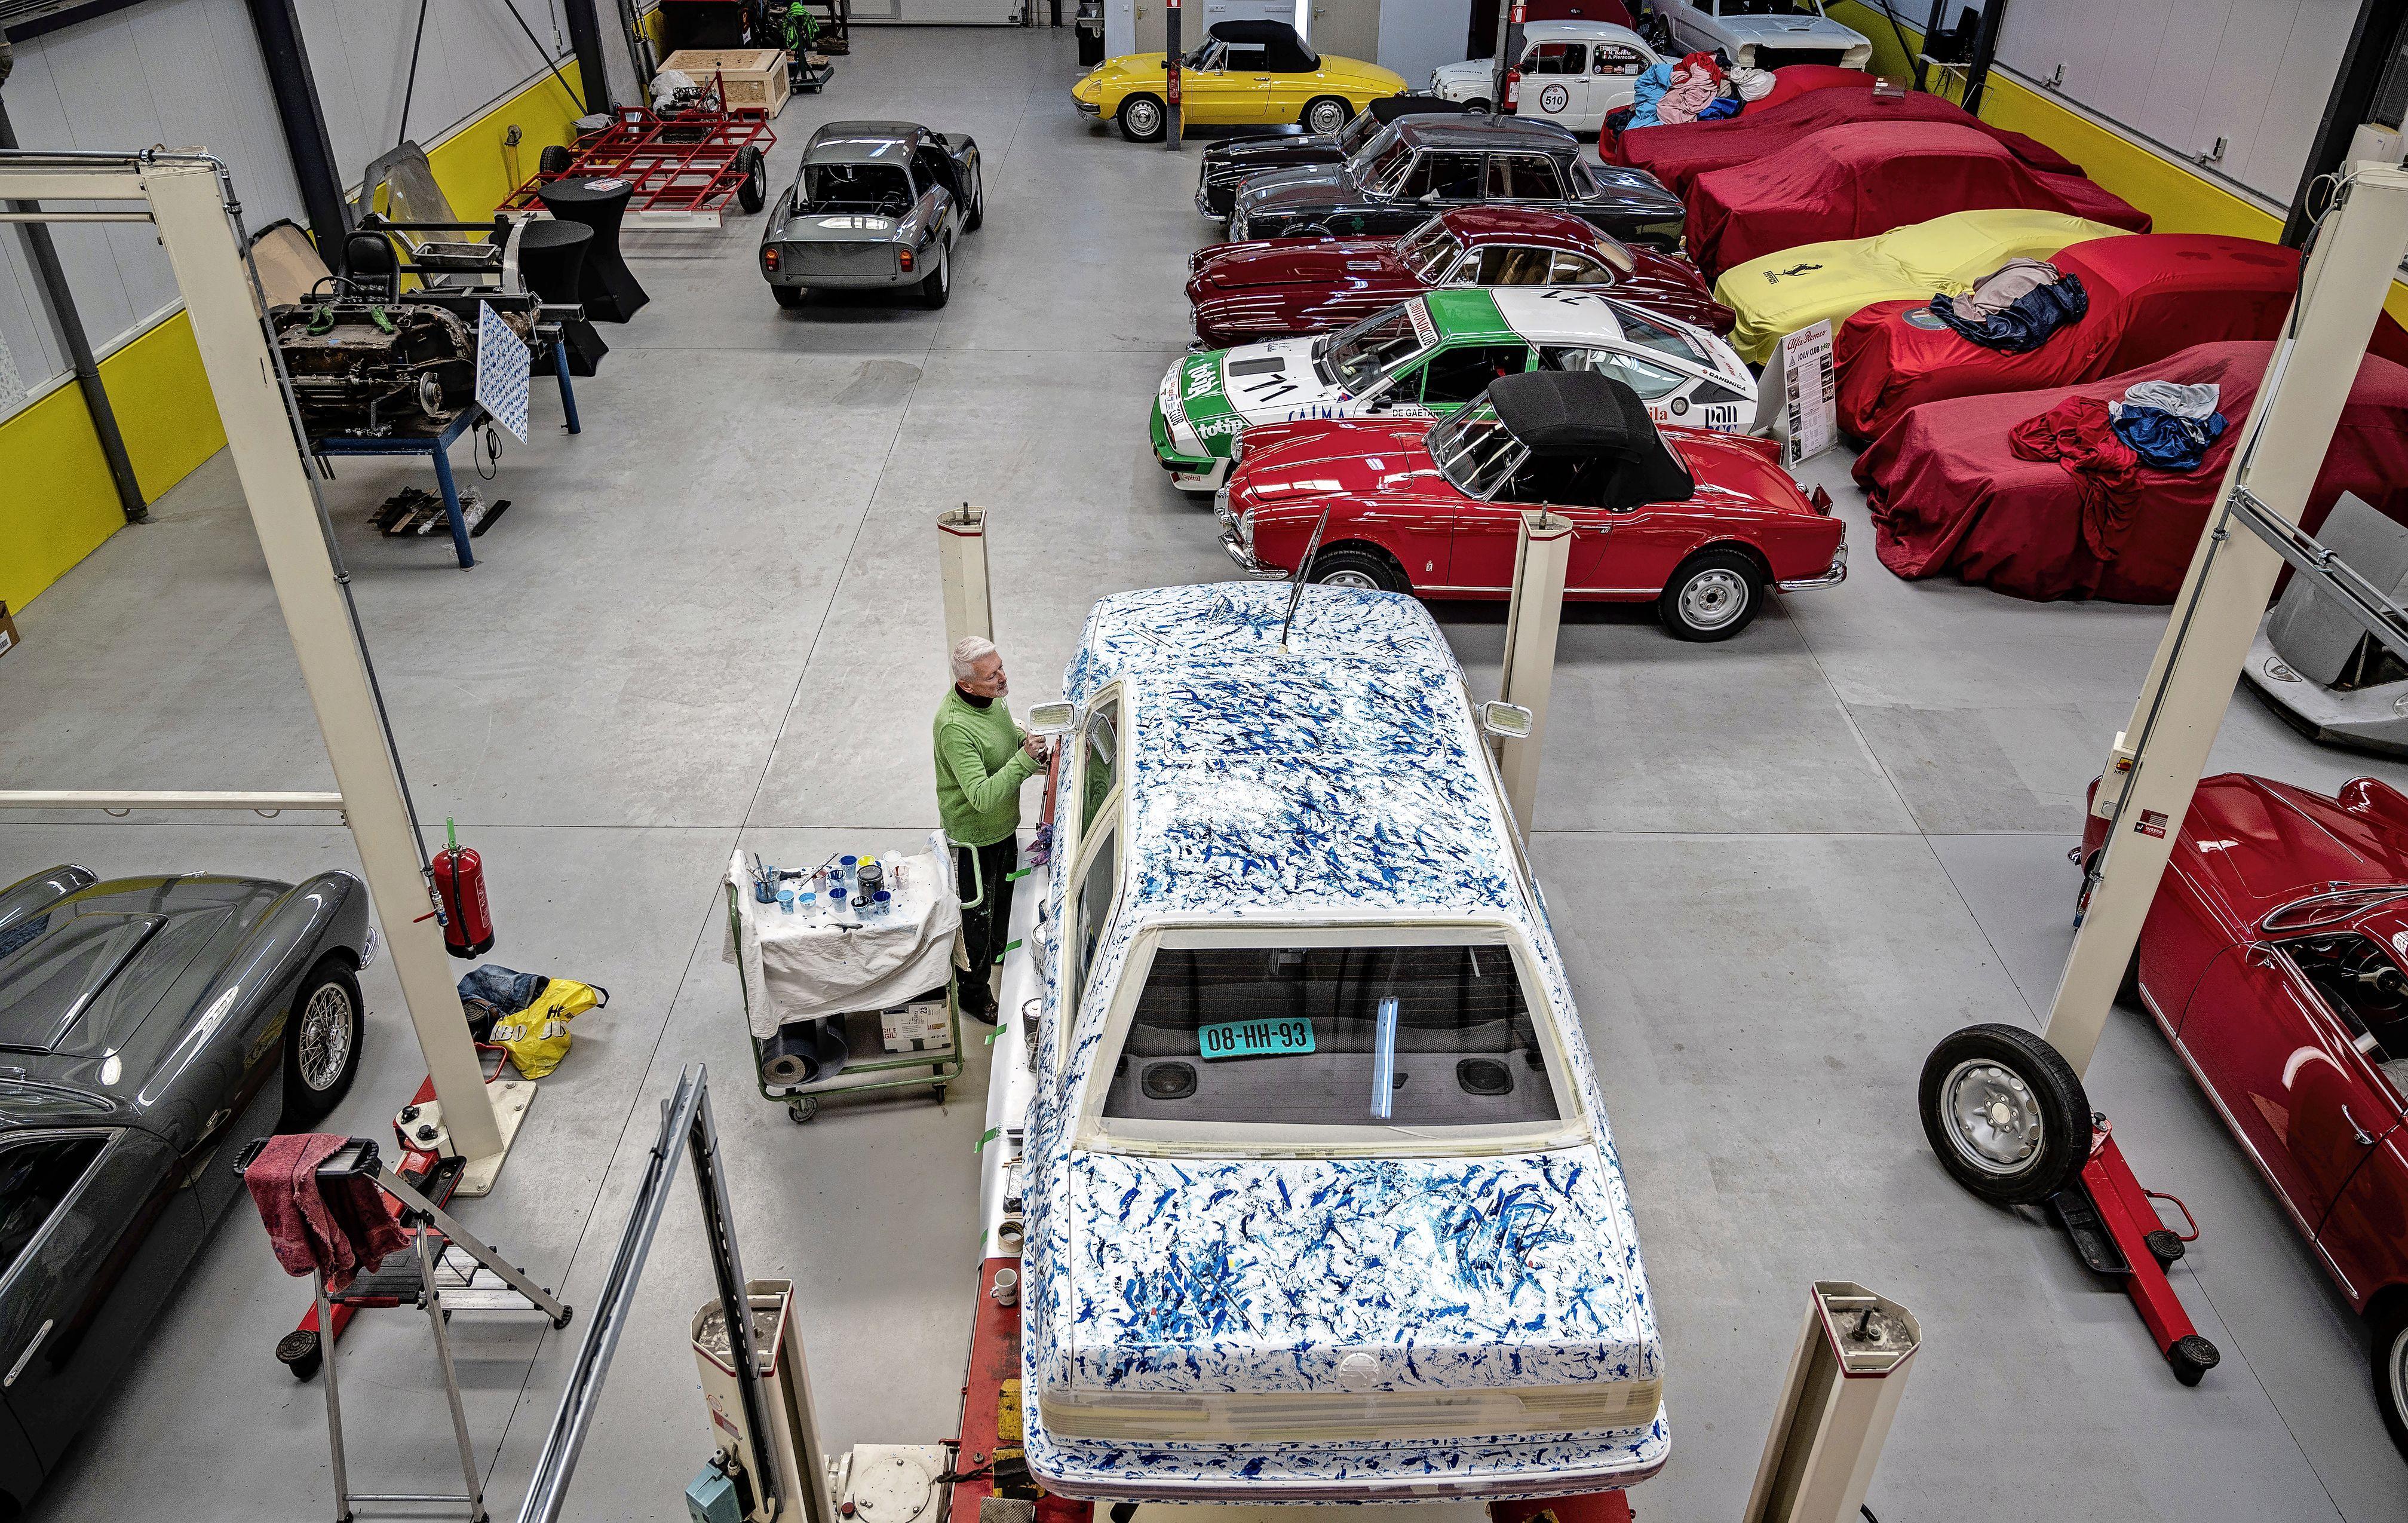 Oude BMW wordt vrolijk kunstwerk op wielen dankzij schilder Jim Beuks: 'Je moet dit niet als één schilderij zien, want dan raak je in paniek'